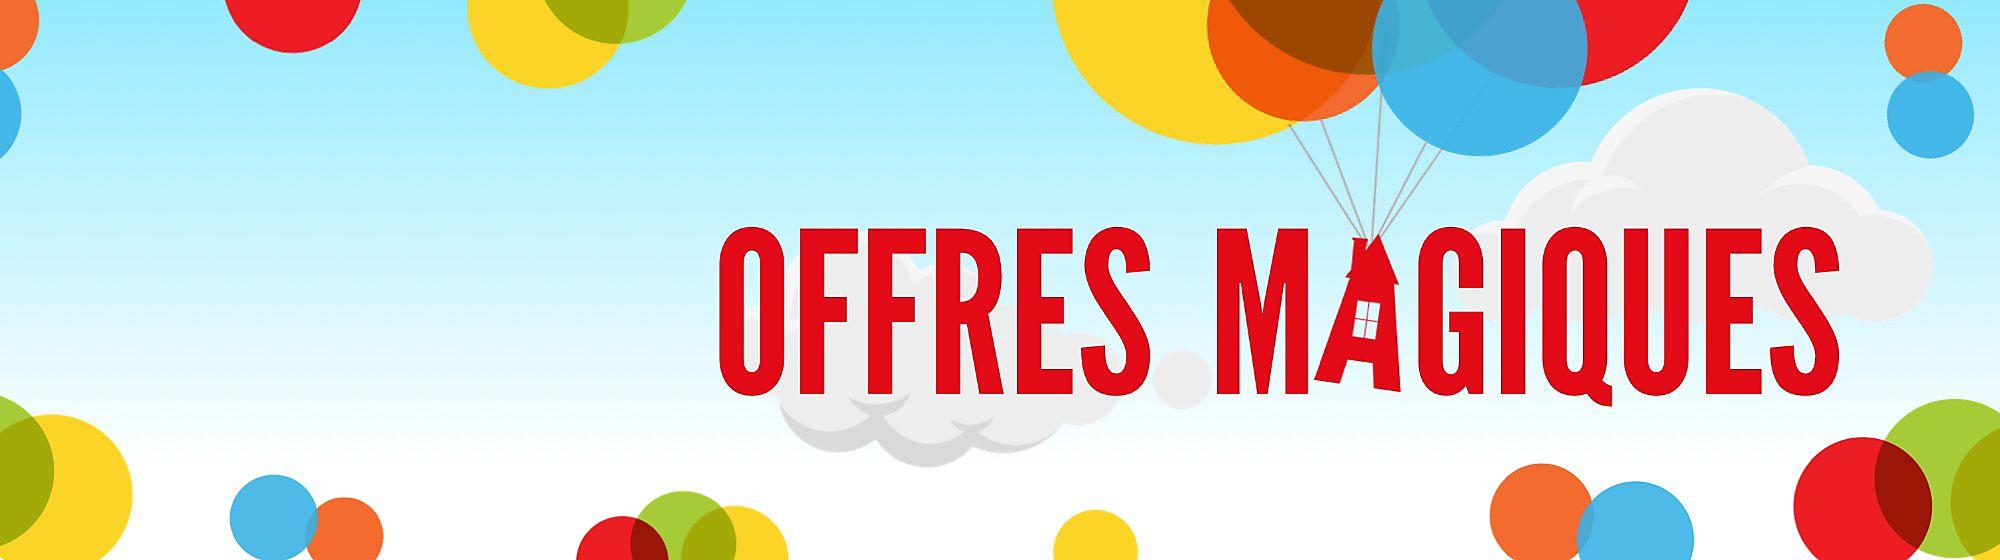 Offres Magiques -20% sur une sélection de produits VOIR L'OFFRE